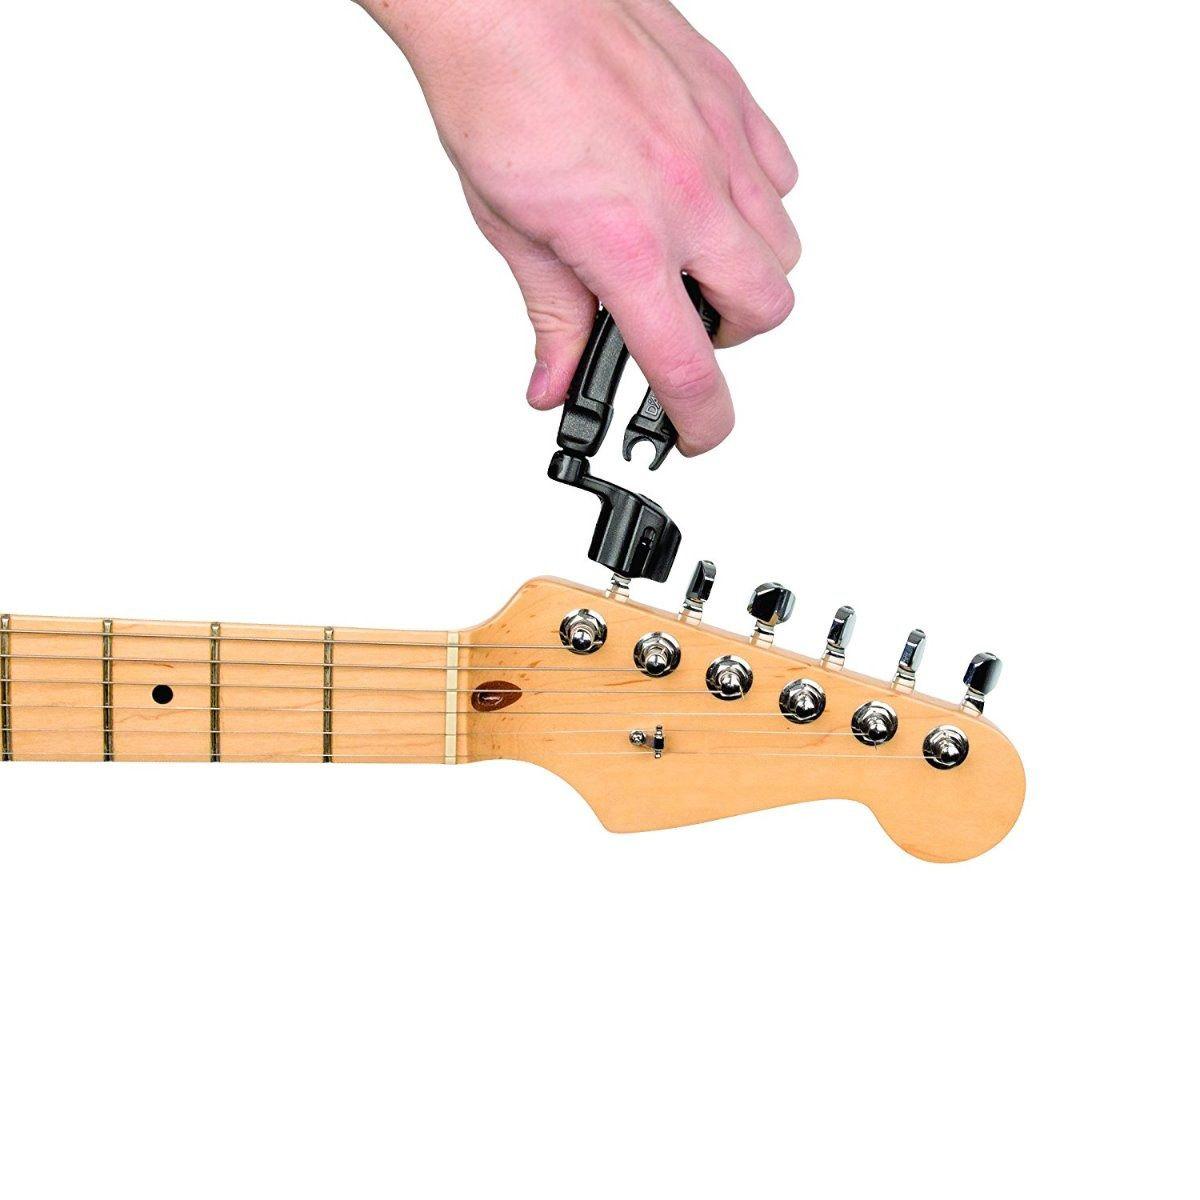 Encordoador Planet Waves Pro Winder Guitarra DP0002 - DADDARIO